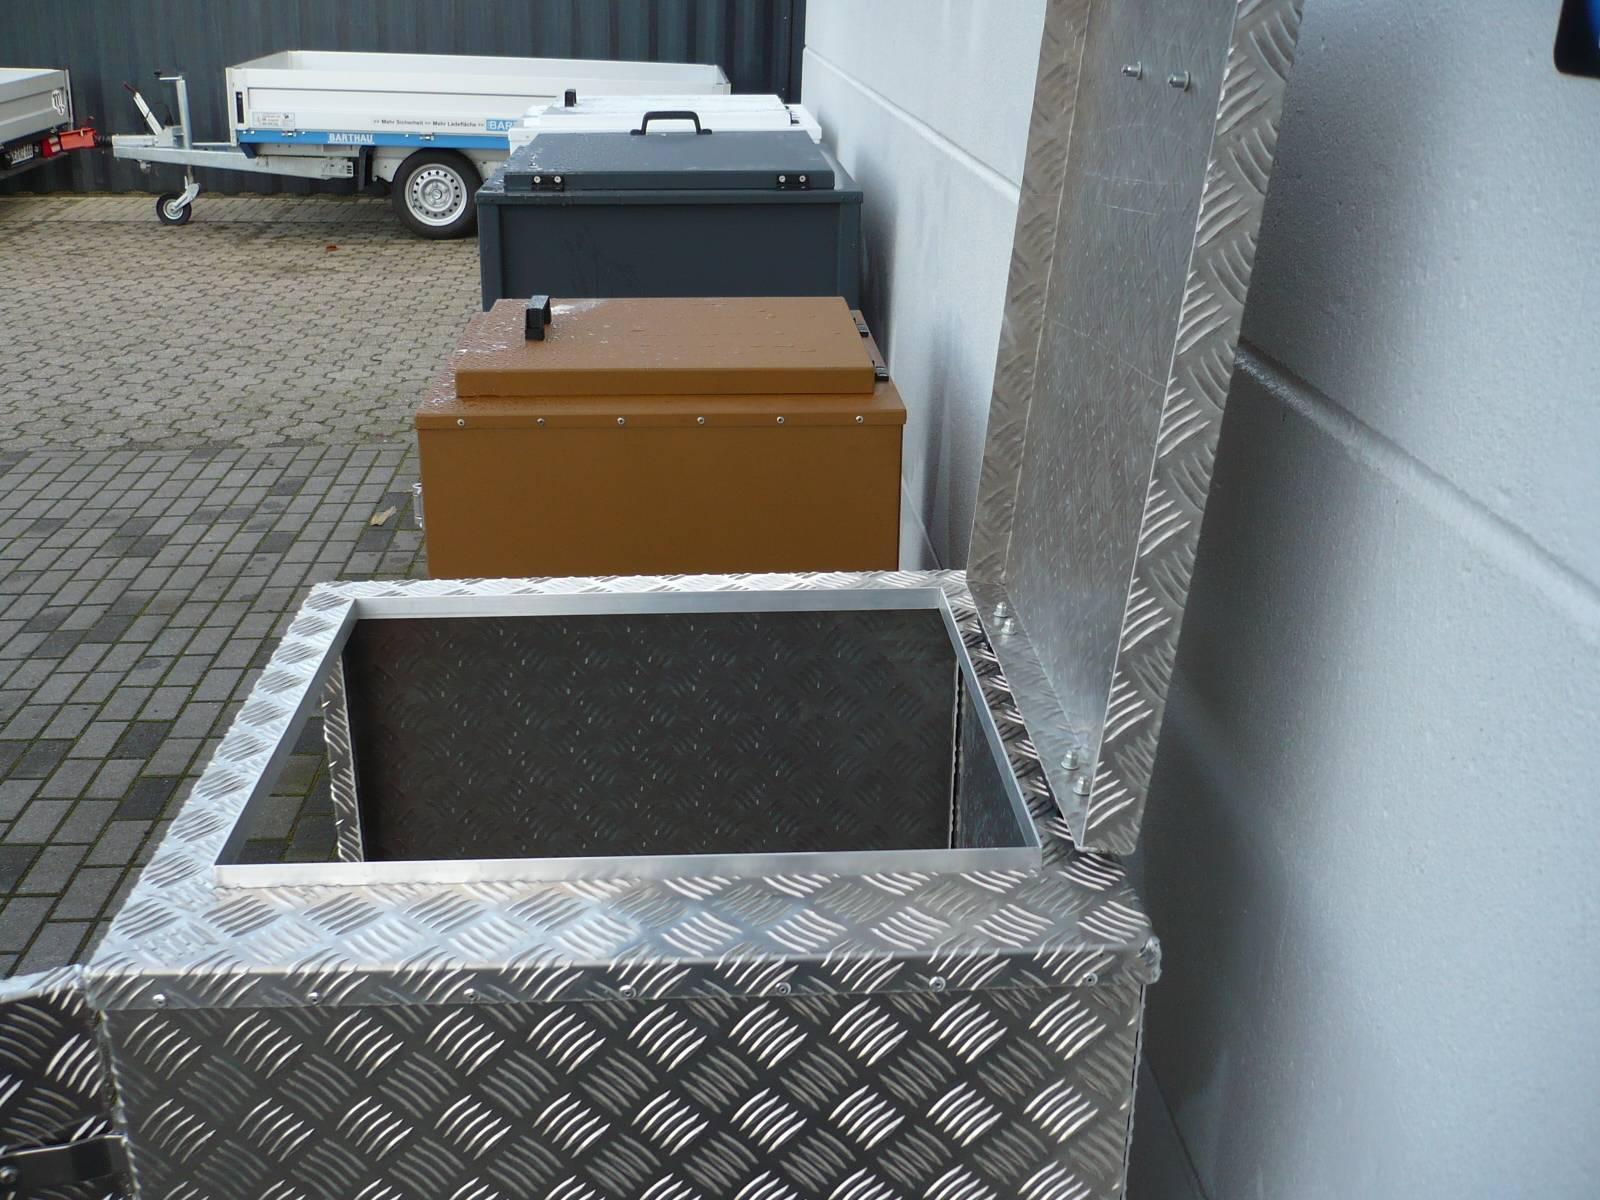 Alutraum_Tonnenbox-14